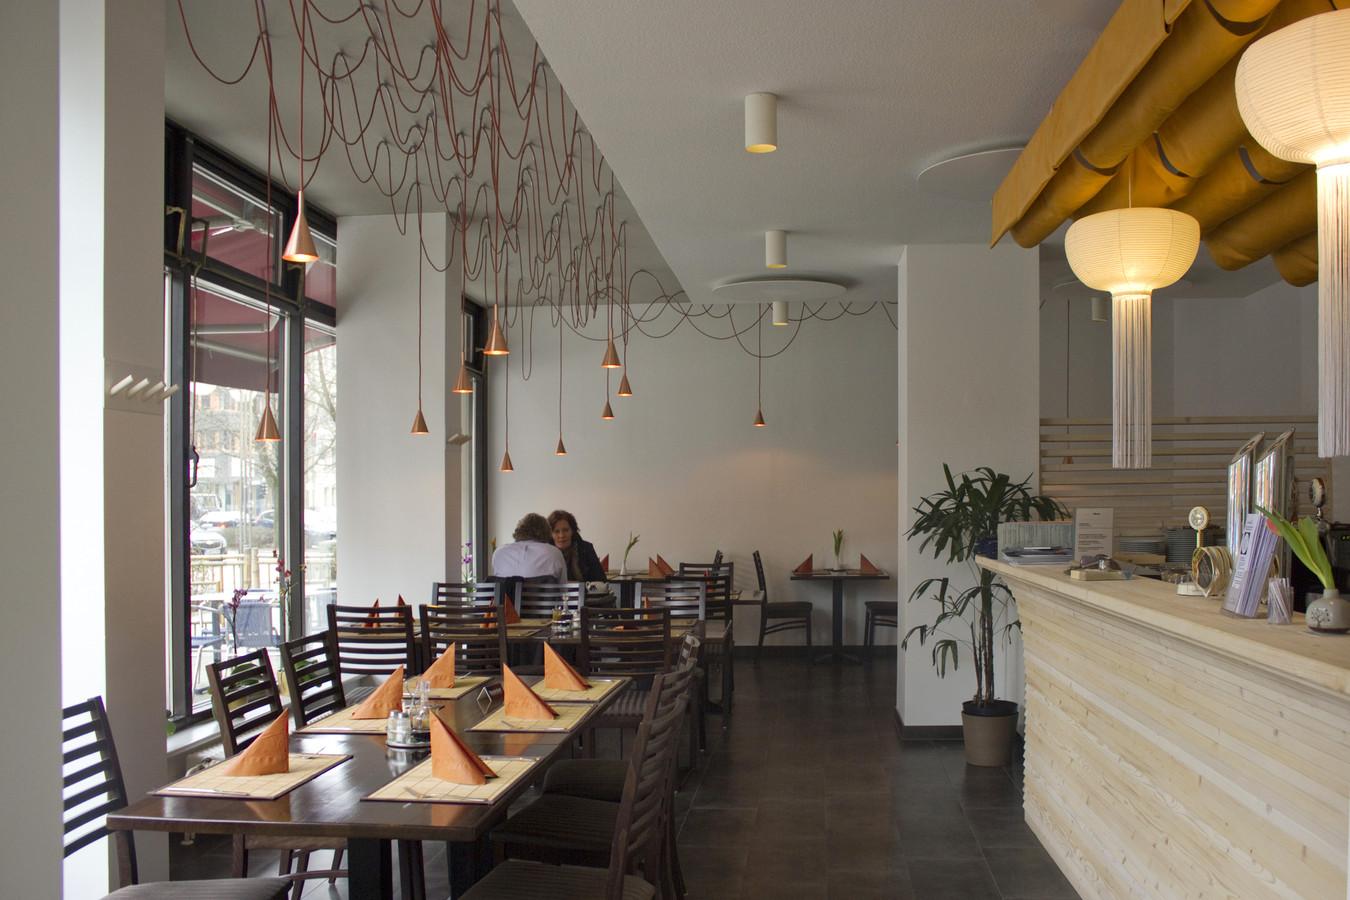 Samadhi - zdjęcie ze strony restauracji